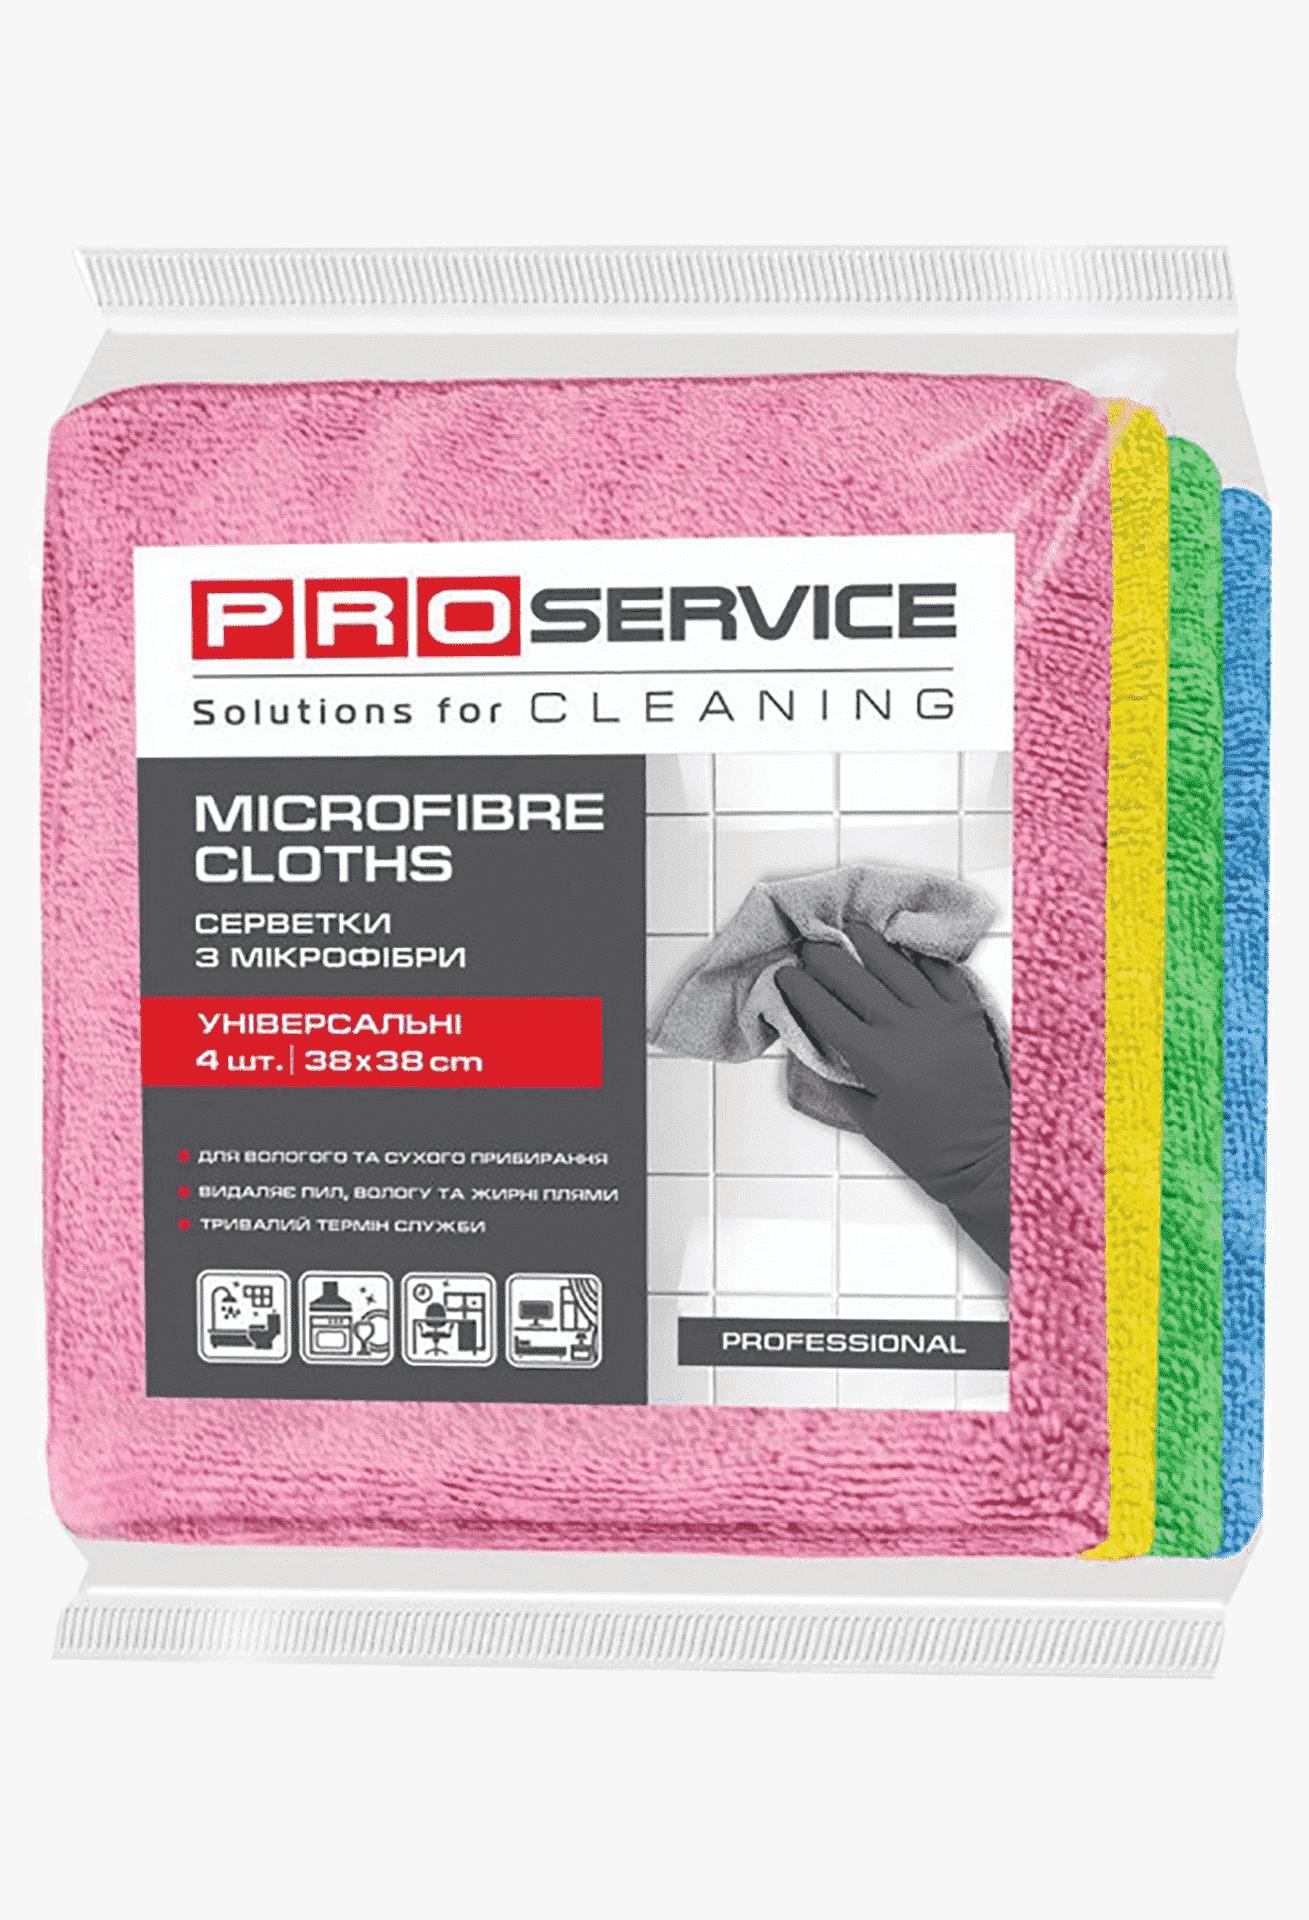 PRO Серветки з мікрофібри Professional, 38х38 см, 4шт